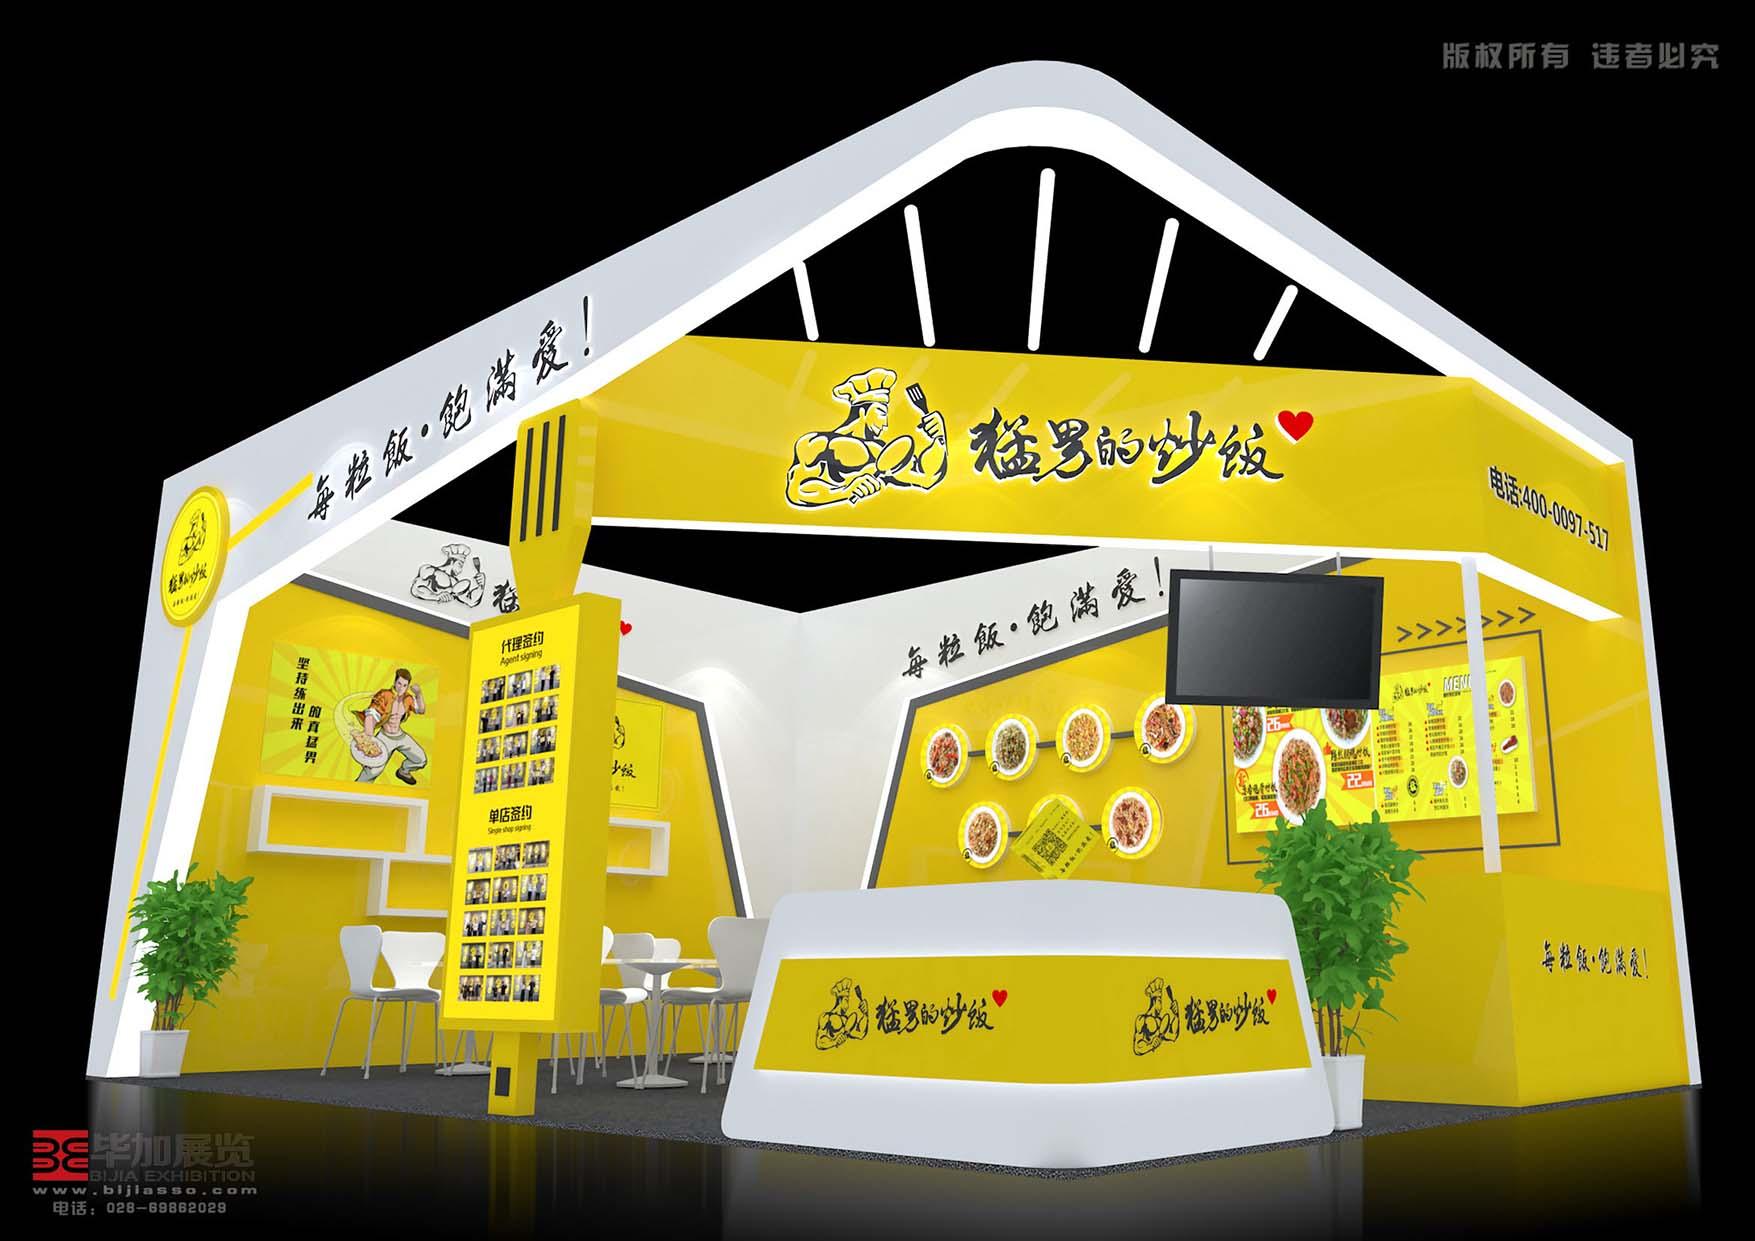 餐饮展展台设计搭建-猛男的炒饭